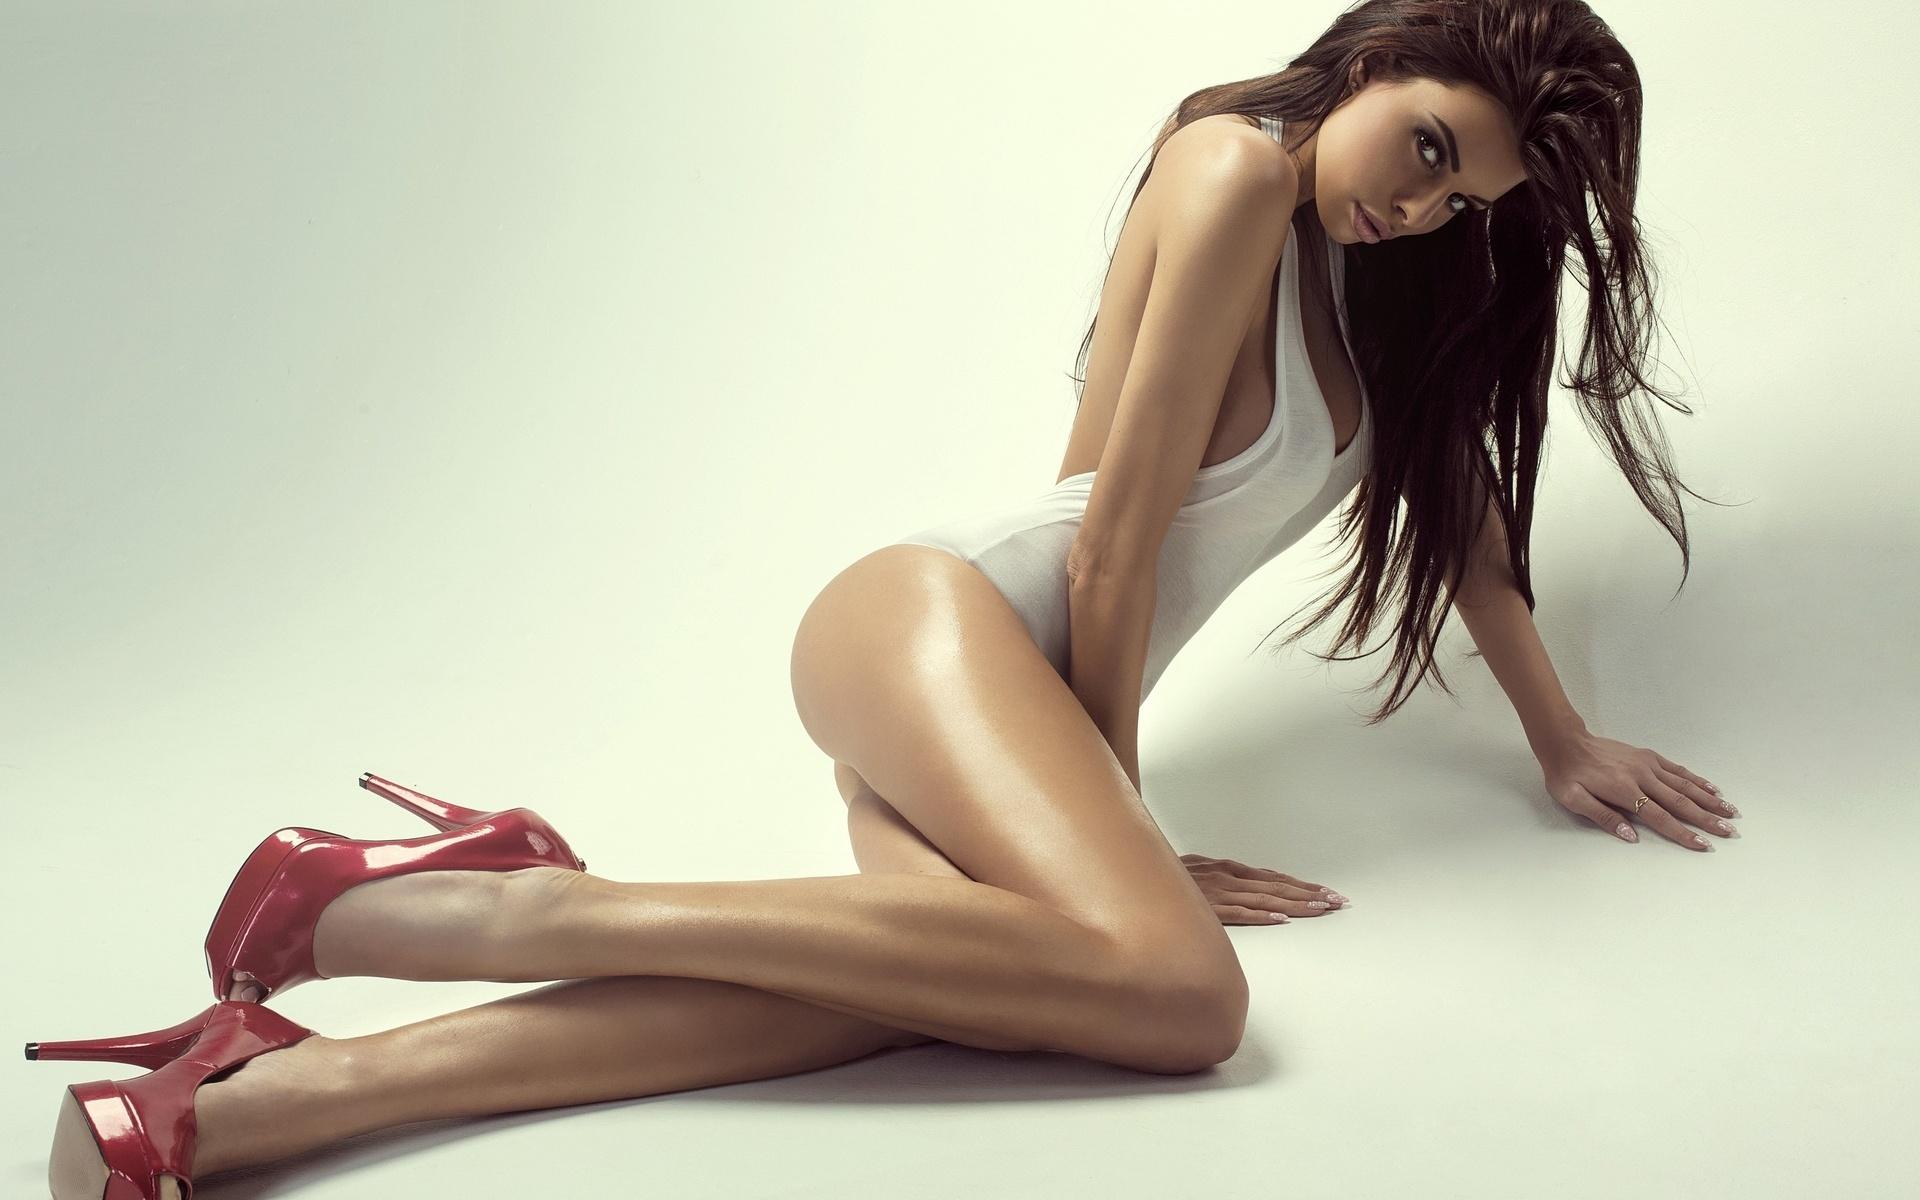 Сексуальные фотосессии позирование девушки, порно актриса бриджит видео